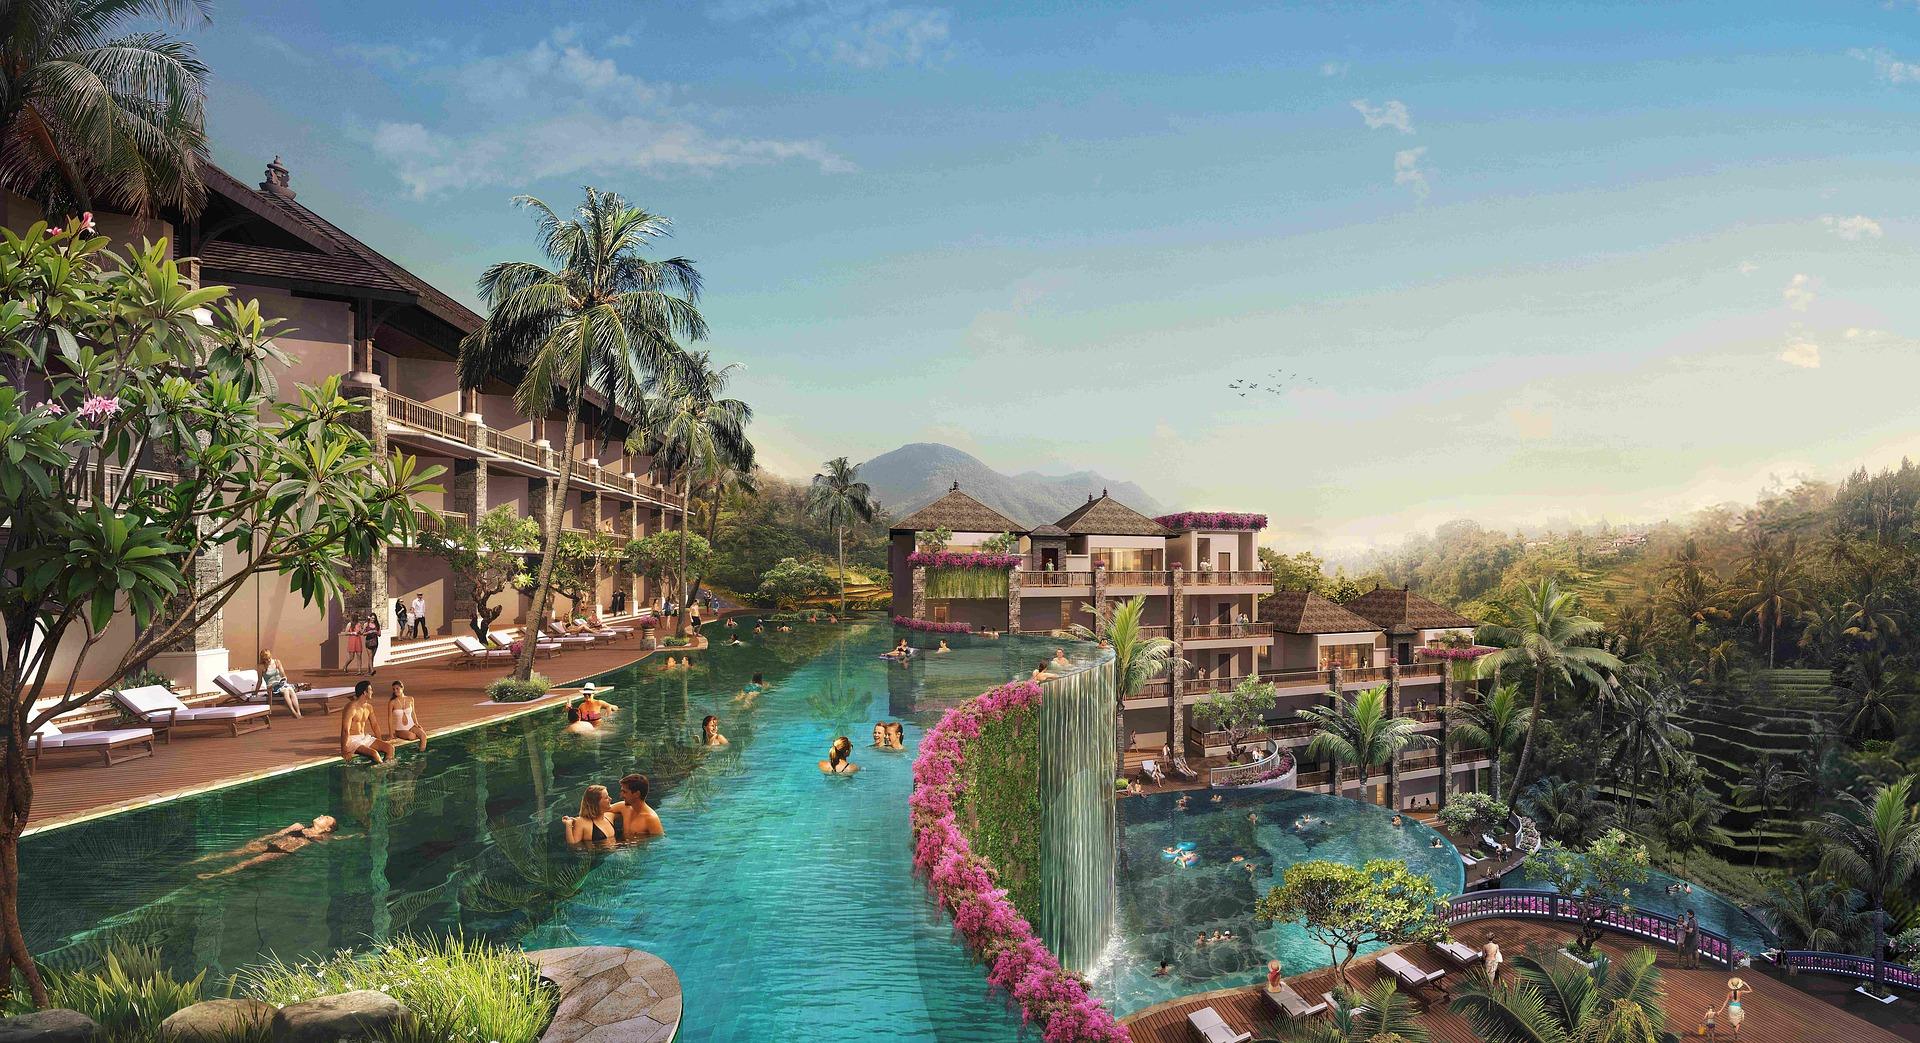 Ubud Bali es ist hier völlig normal das die Hotels so ausgefallen sind